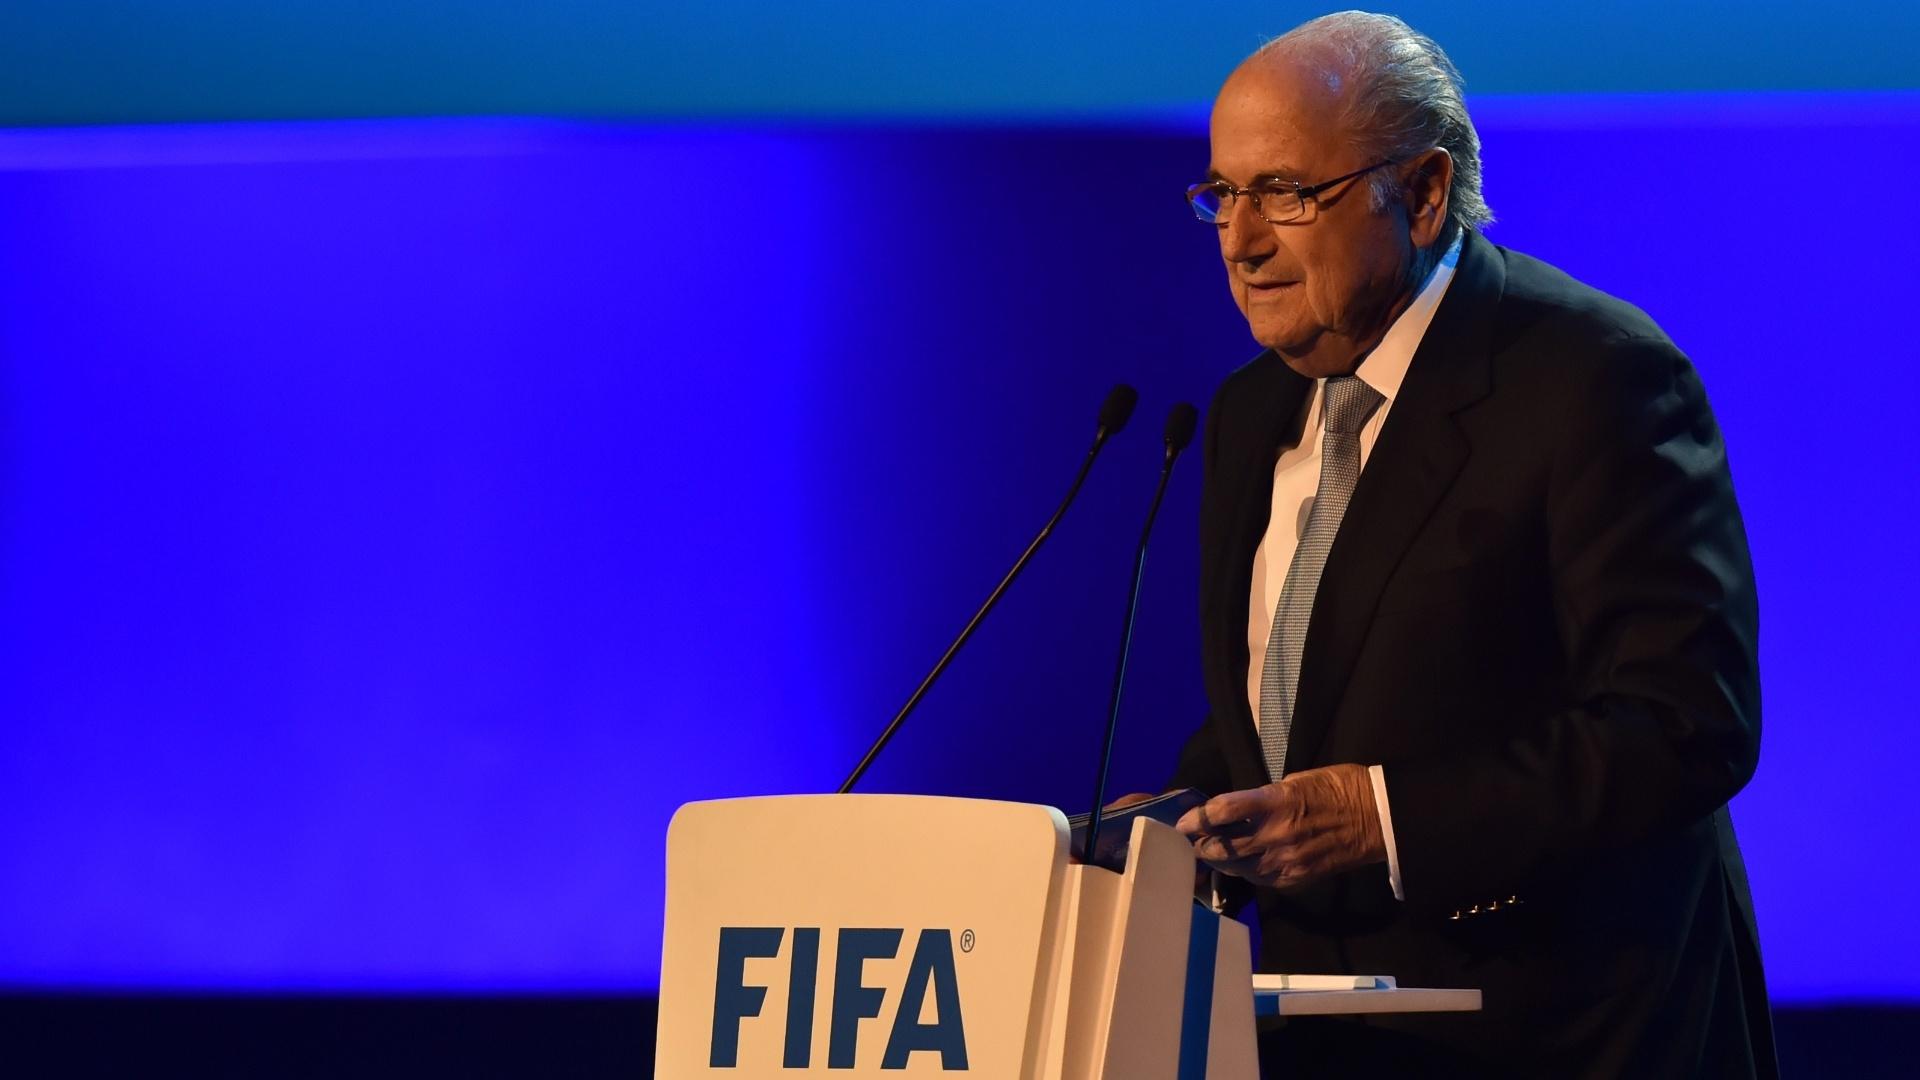 Joseph Blatter discursa no Congresso da Fifa